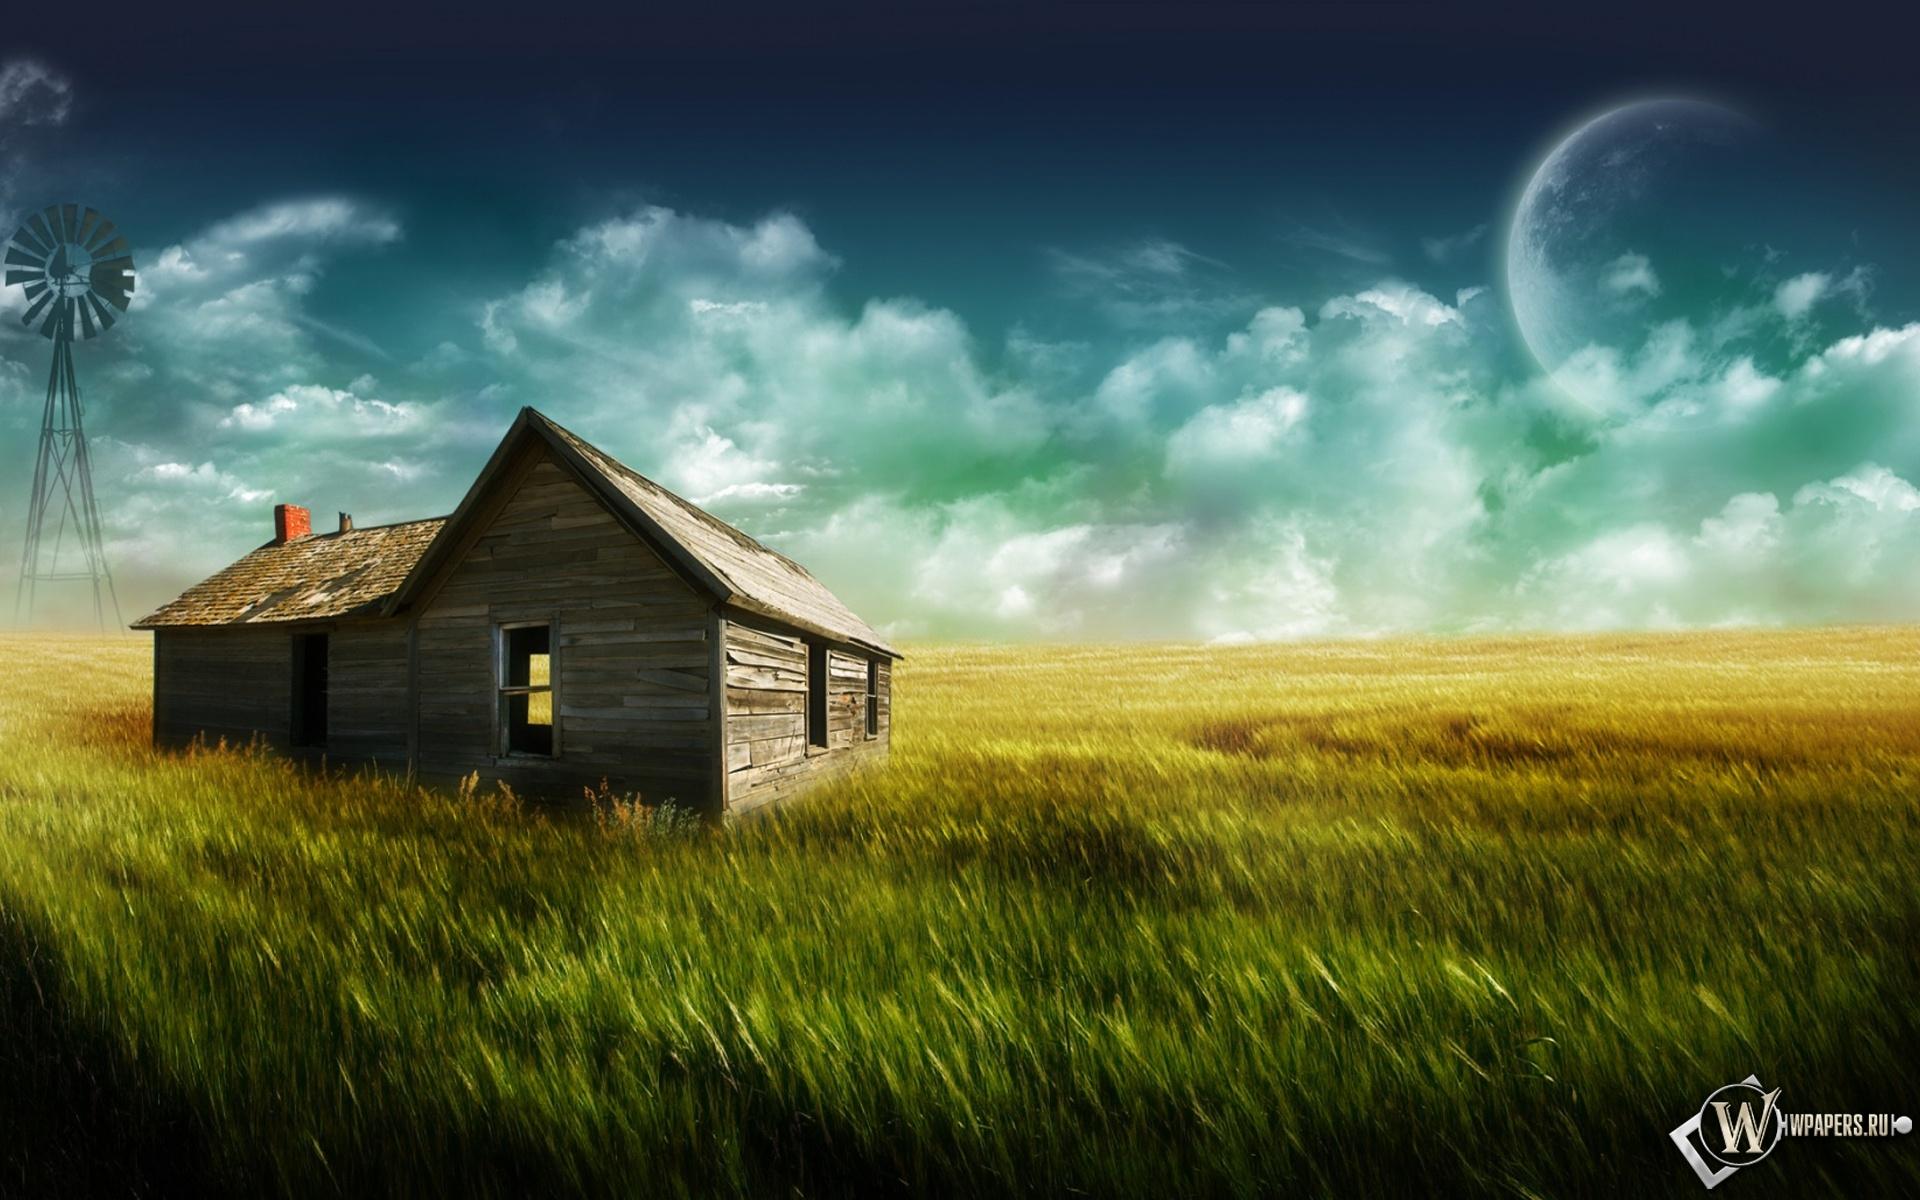 Дом в поле 1920x1200